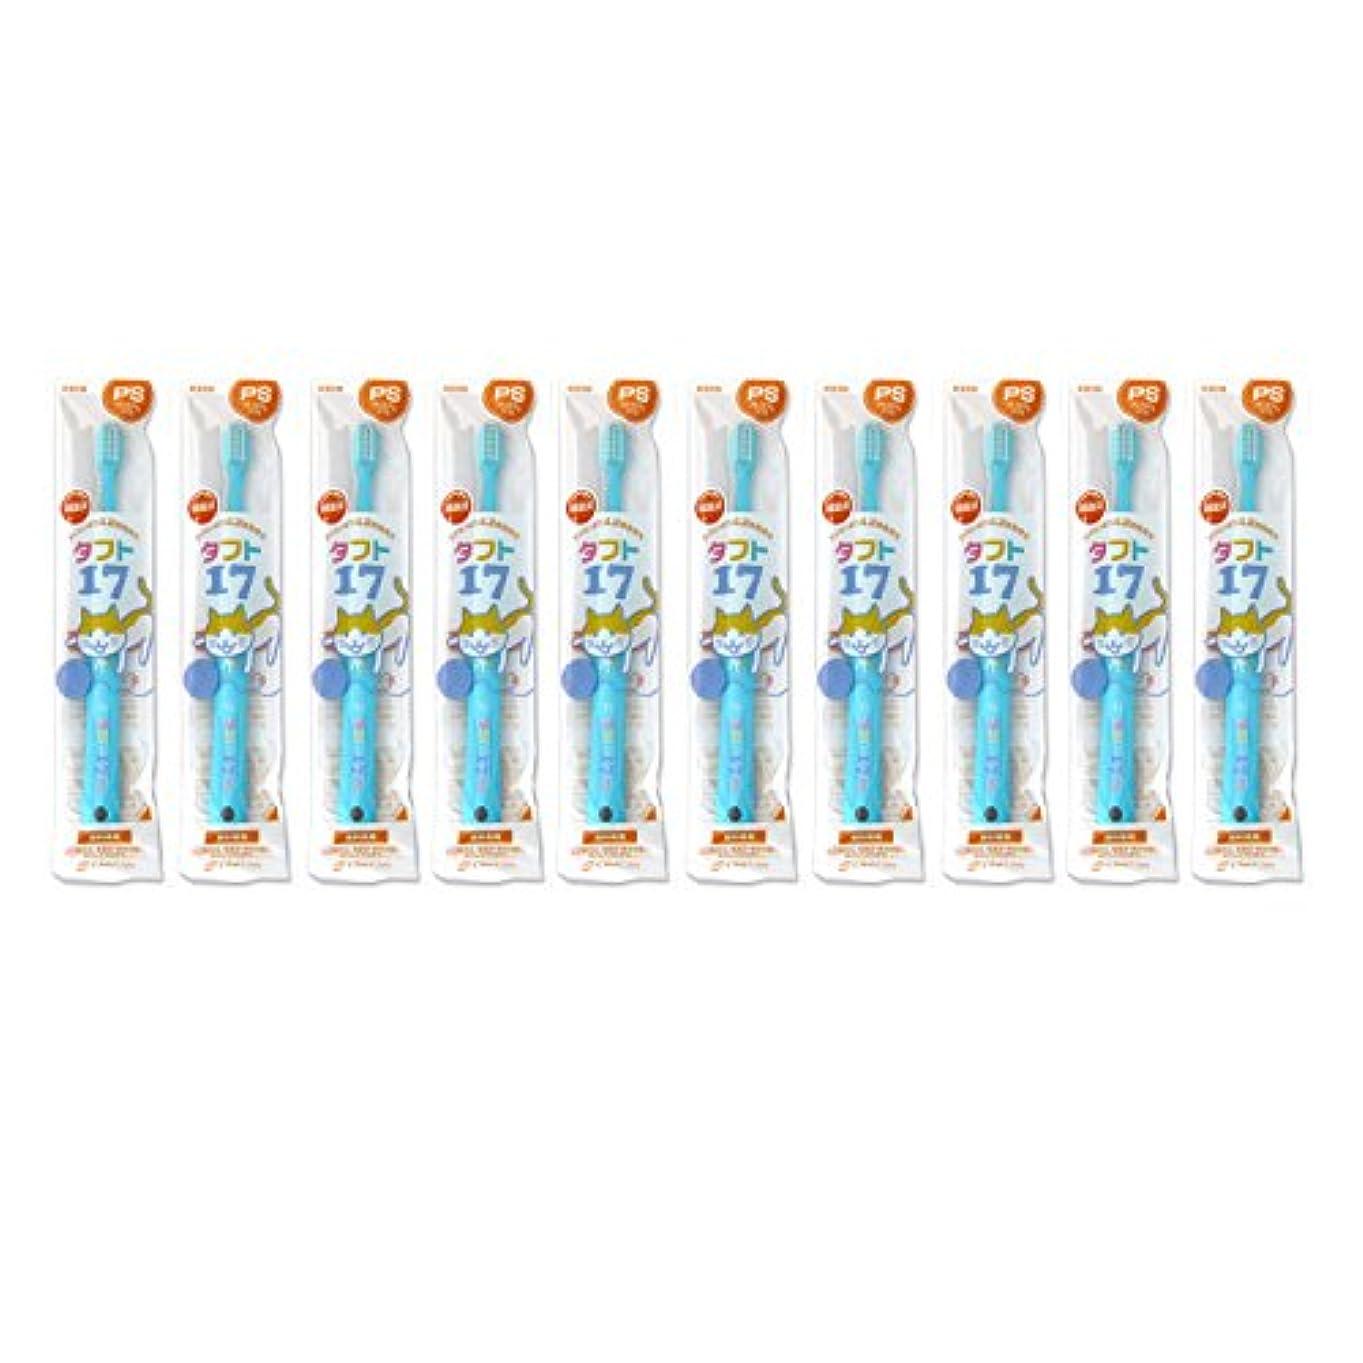 どんなときもグリップあさりタフト17 10本 オーラルケア タフト17/プレミアムソフト 子供 タフト 乳歯列期(1~7歳)こども歯ブラシ 10本セット ブルー